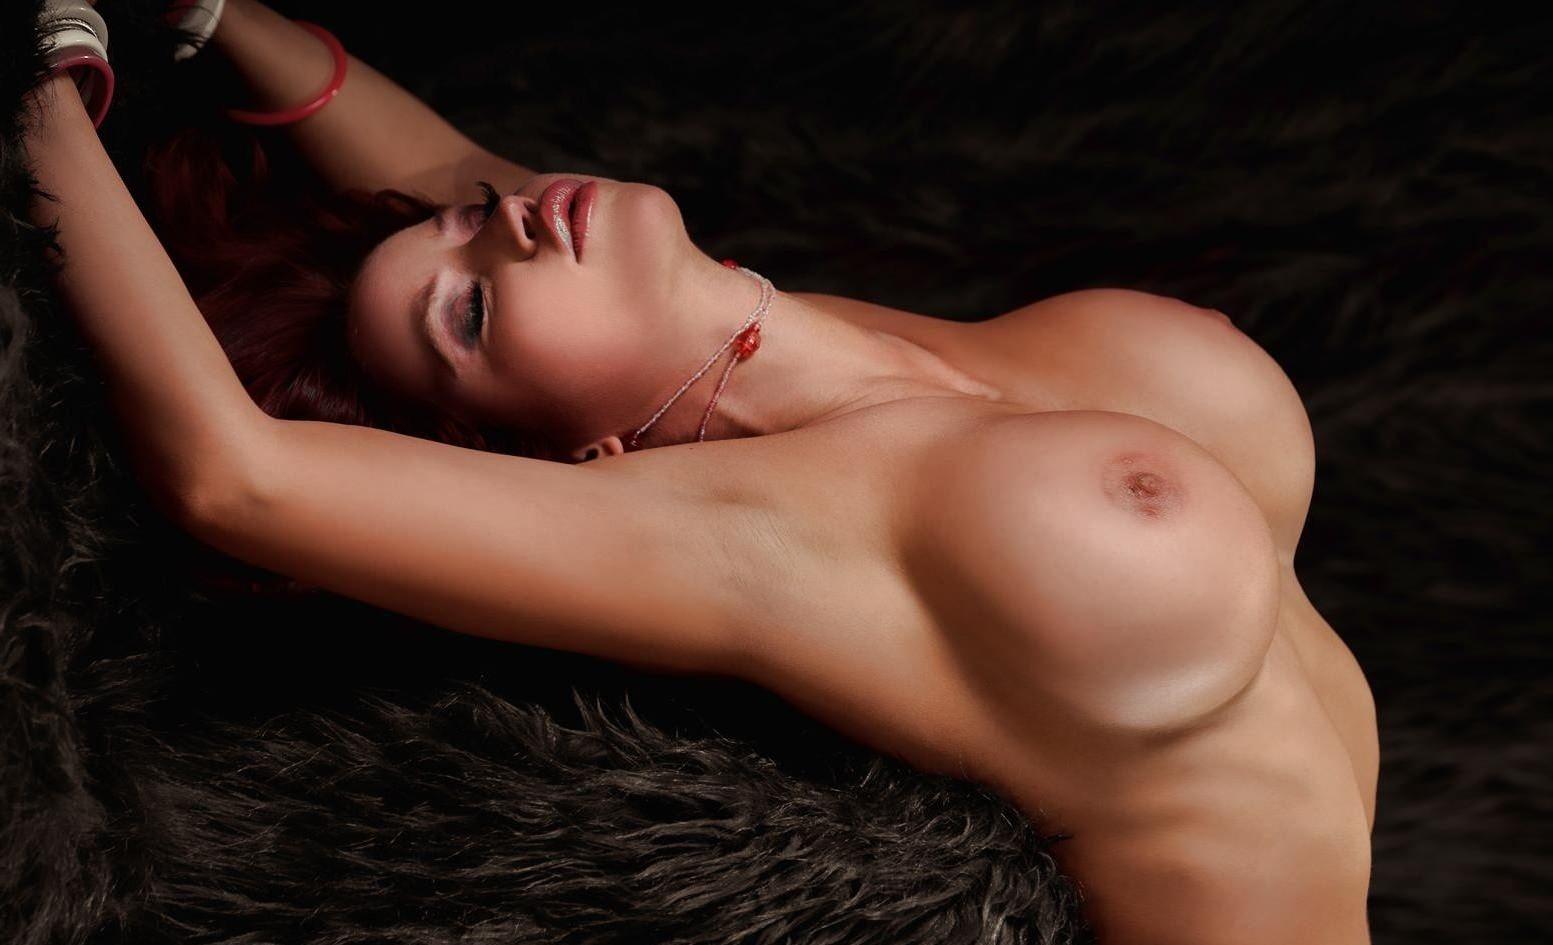 Фото Обнаженная соблазнительная девушка с огромной грудью, большие круглые сиськи, девушка наклонилась назад, закрыла глаза, сладкие губки, силиконовая грудь 5го размера. Naked girl, huge tits, big boobs, closed eyes, girl leaned back, скачать картинку бесплатно